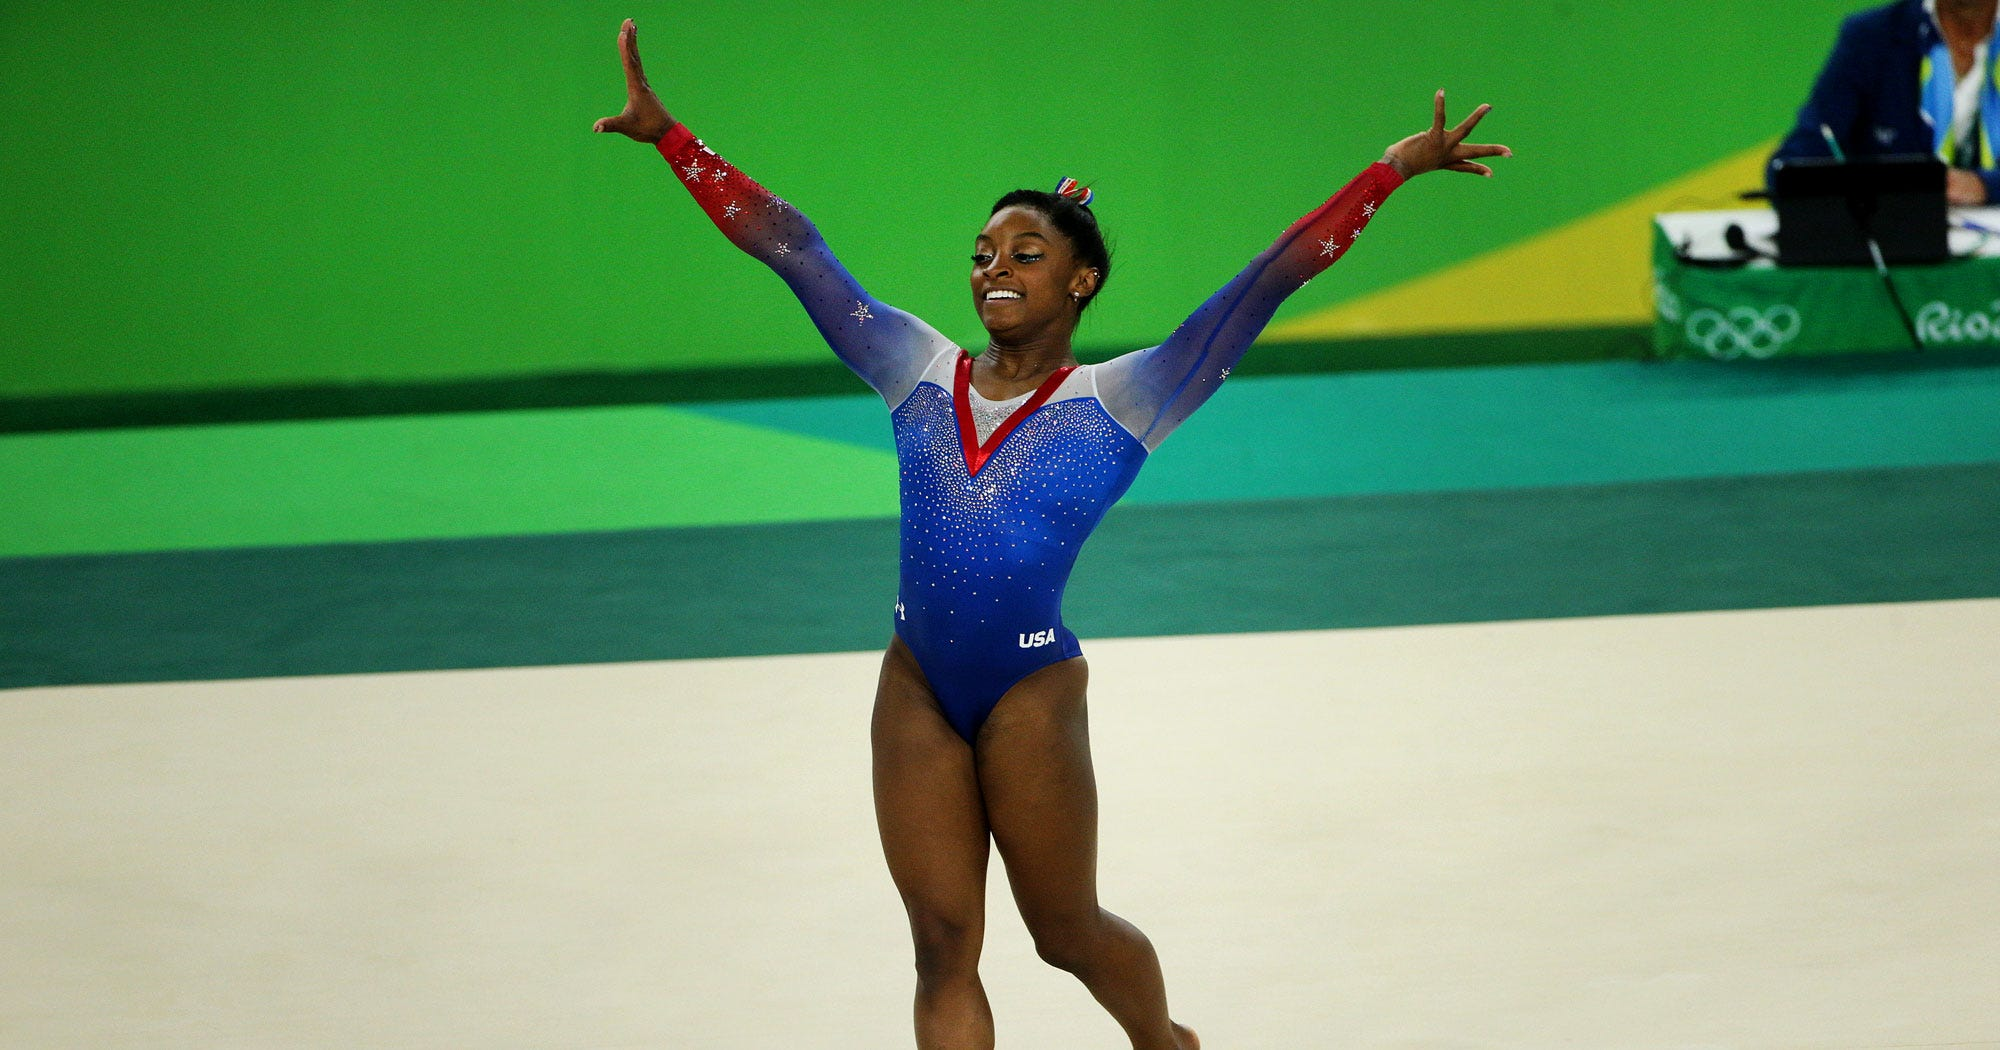 Simone Biles Aly Raisman Medals Olympics Floor Finals